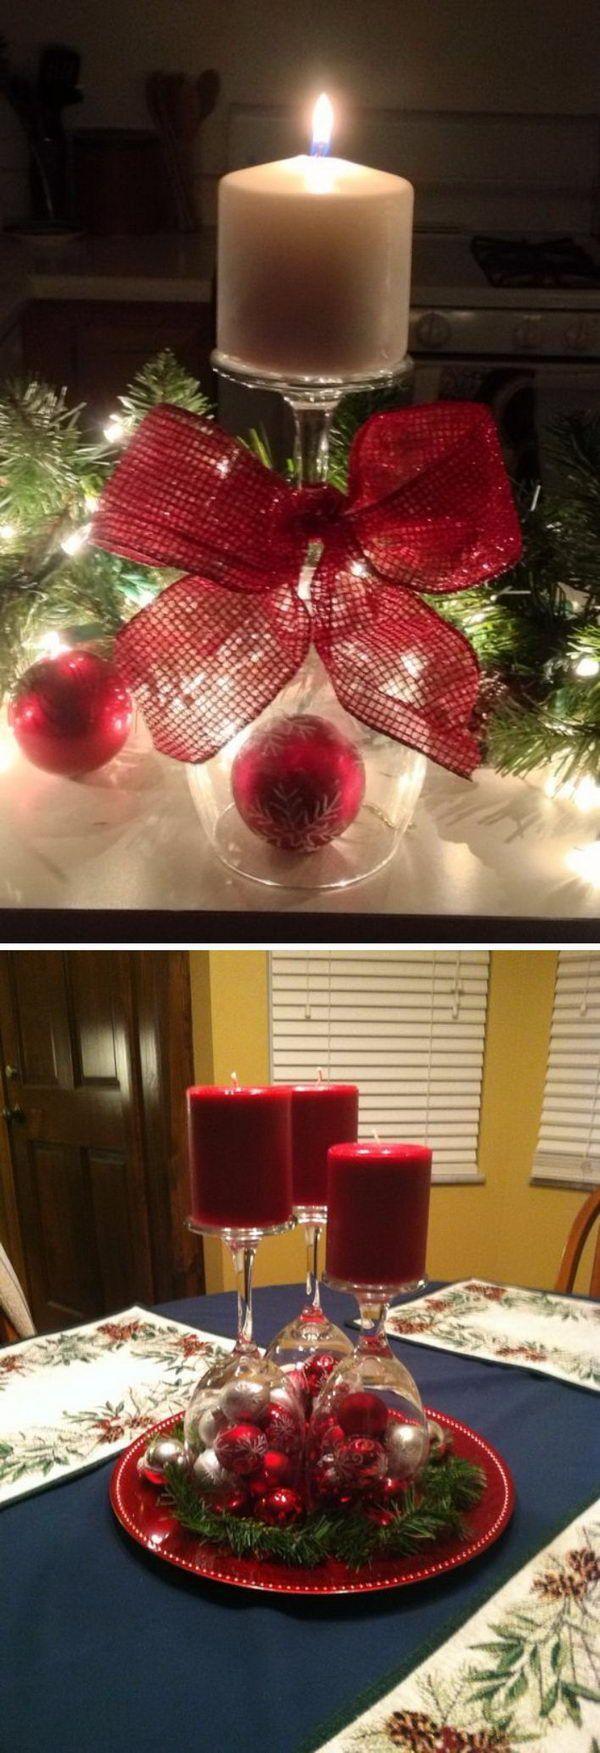 Die festliche Jahreszeit ist fast da, und Heimdekoration ist auf Ihren Dingen #dollarstores